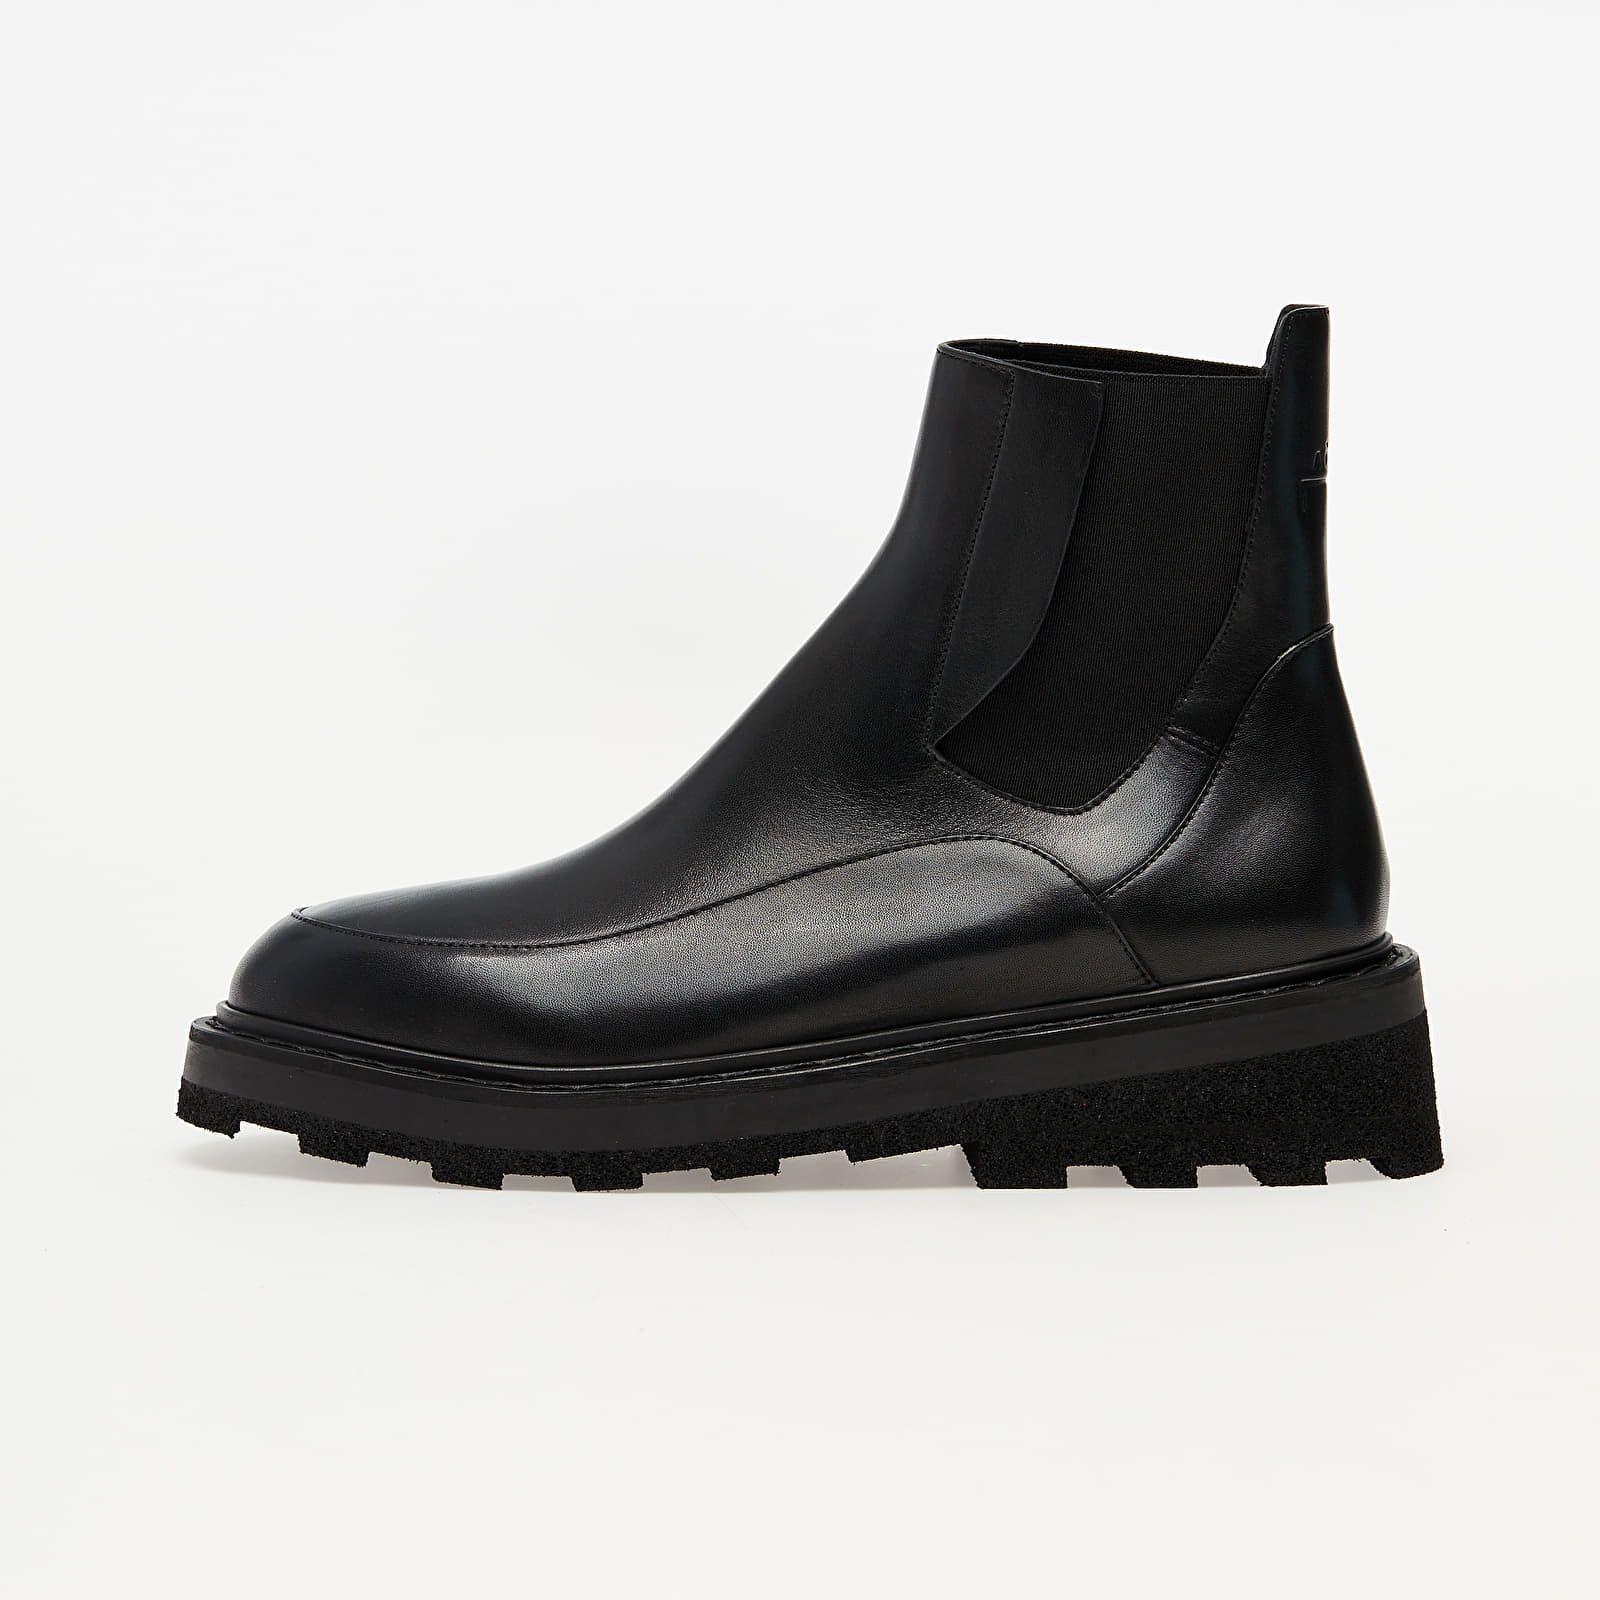 Vybrali sme 8 najzaujímavejších párov topánok vhodných aj do sychravého počasia